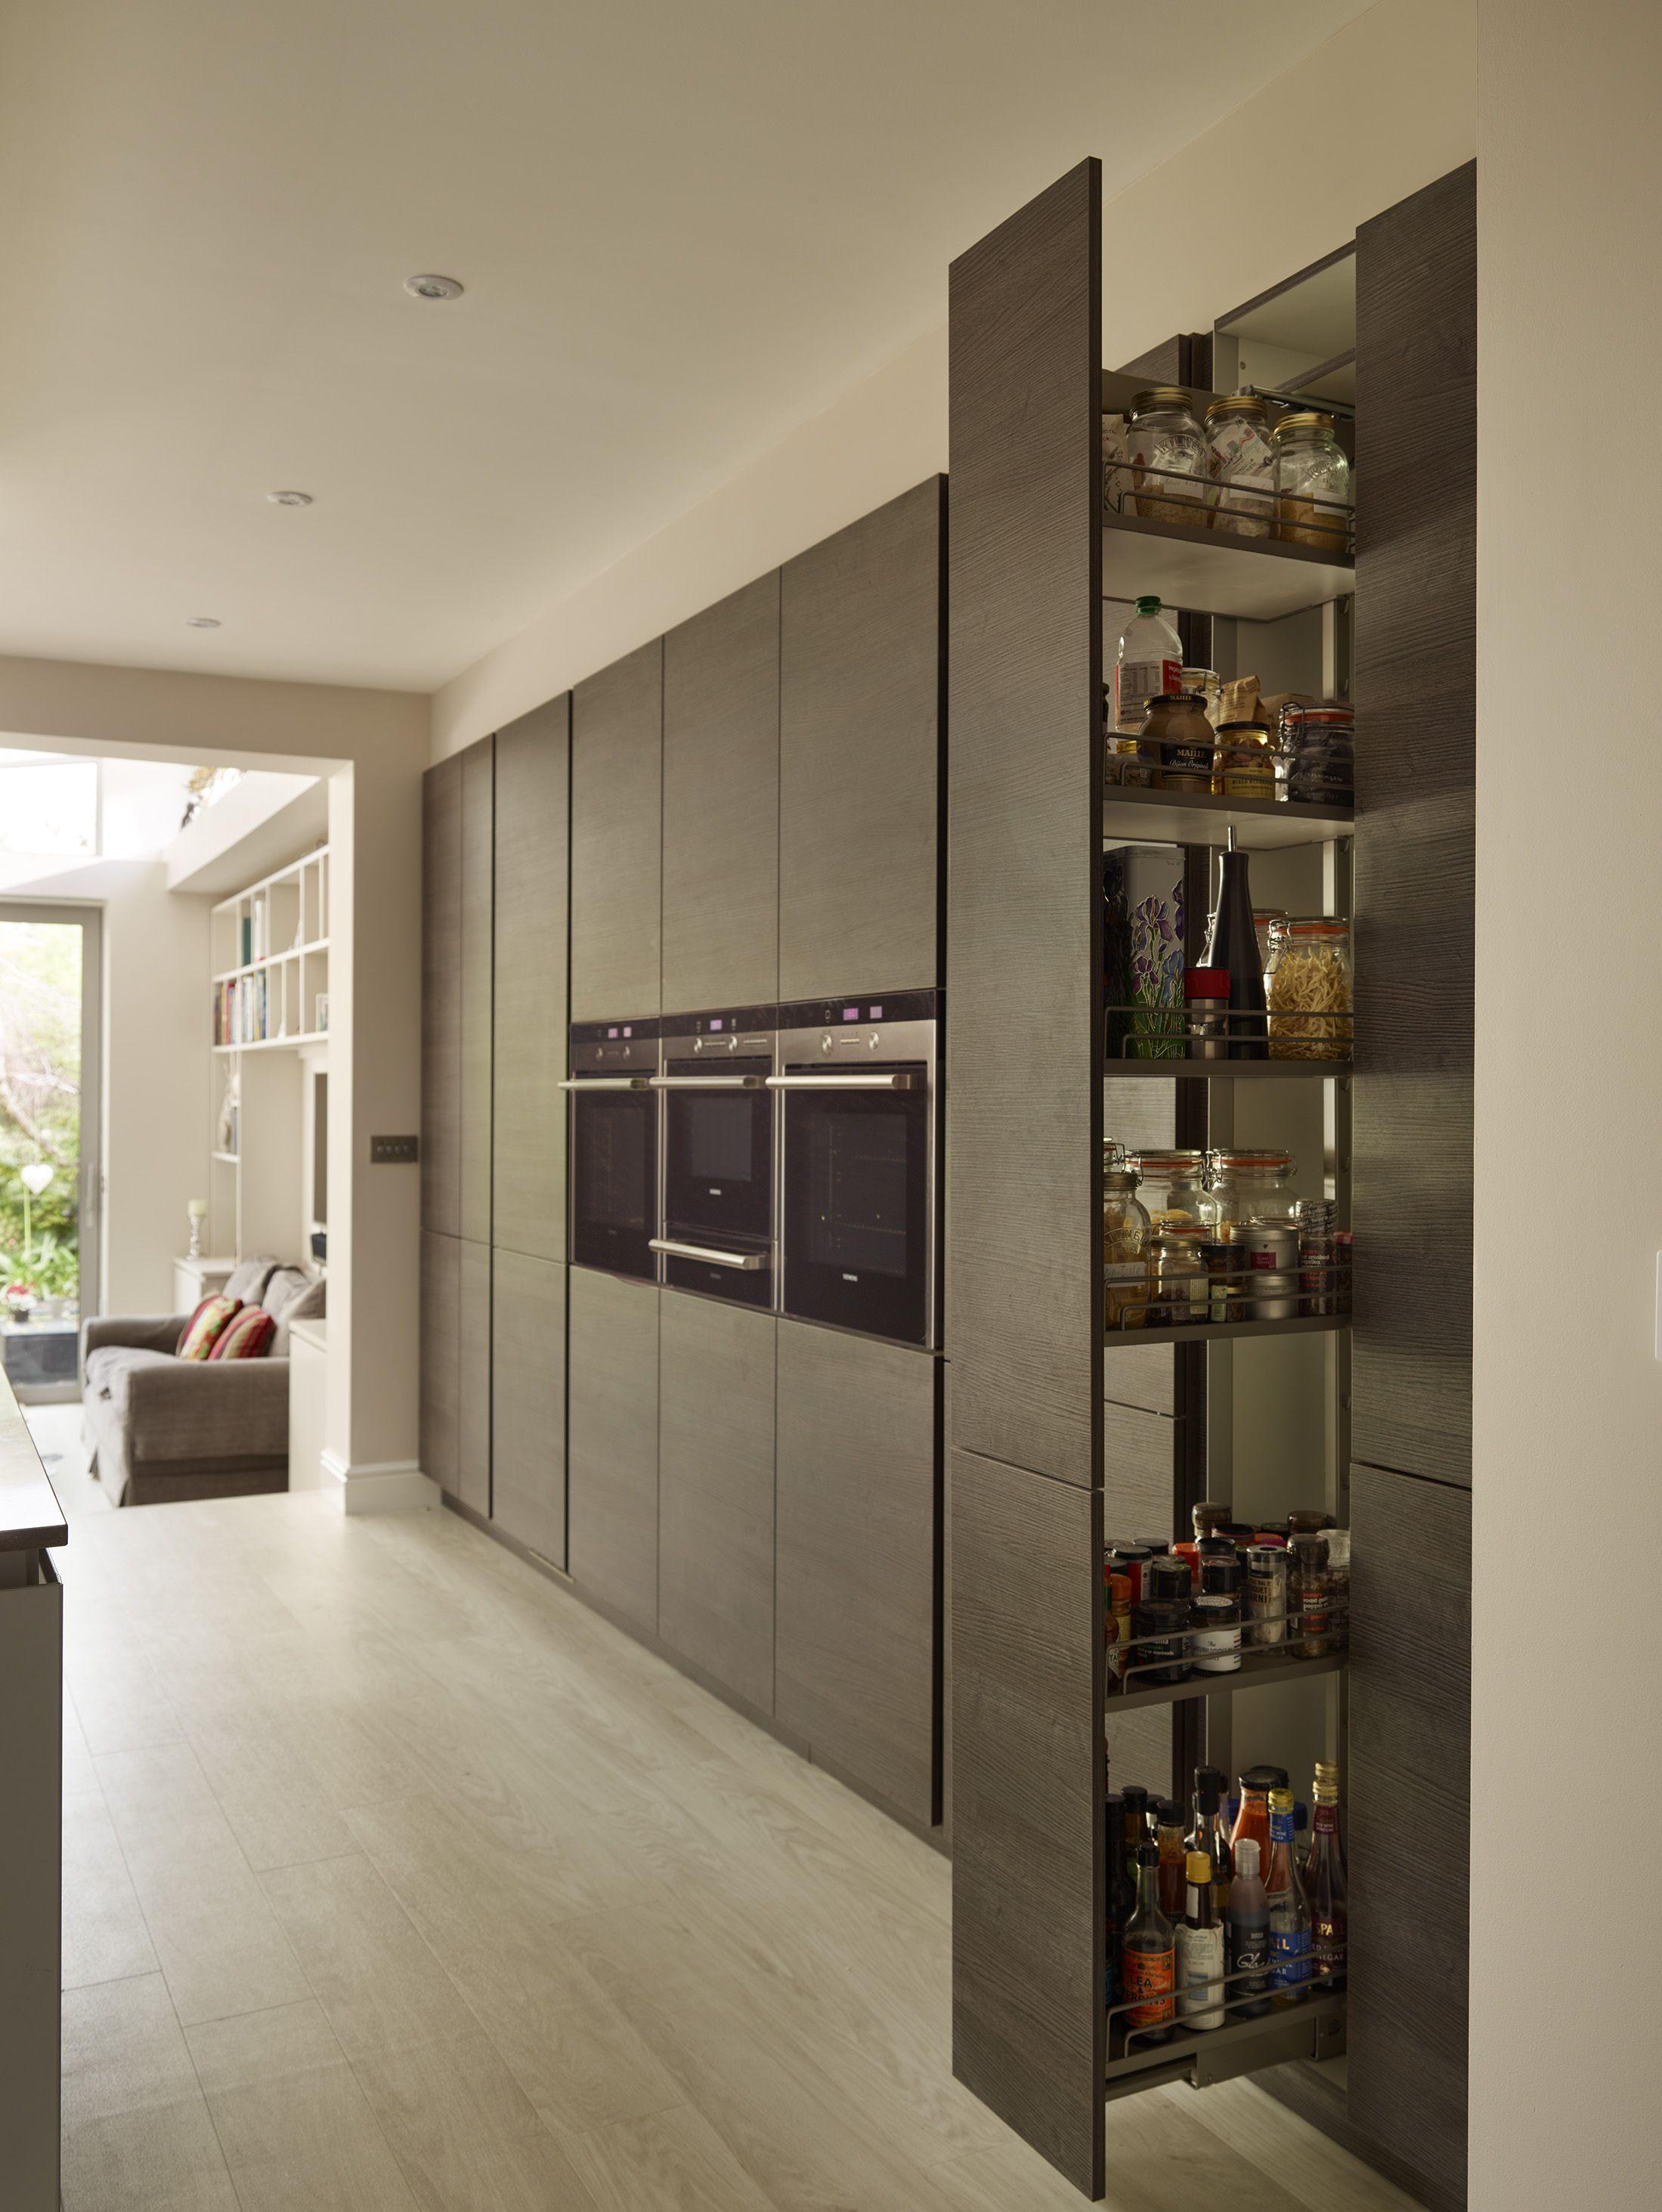 die besten 25 k chenkosten ideen auf pinterest kleine k chen k cherenovierung kosten und. Black Bedroom Furniture Sets. Home Design Ideas